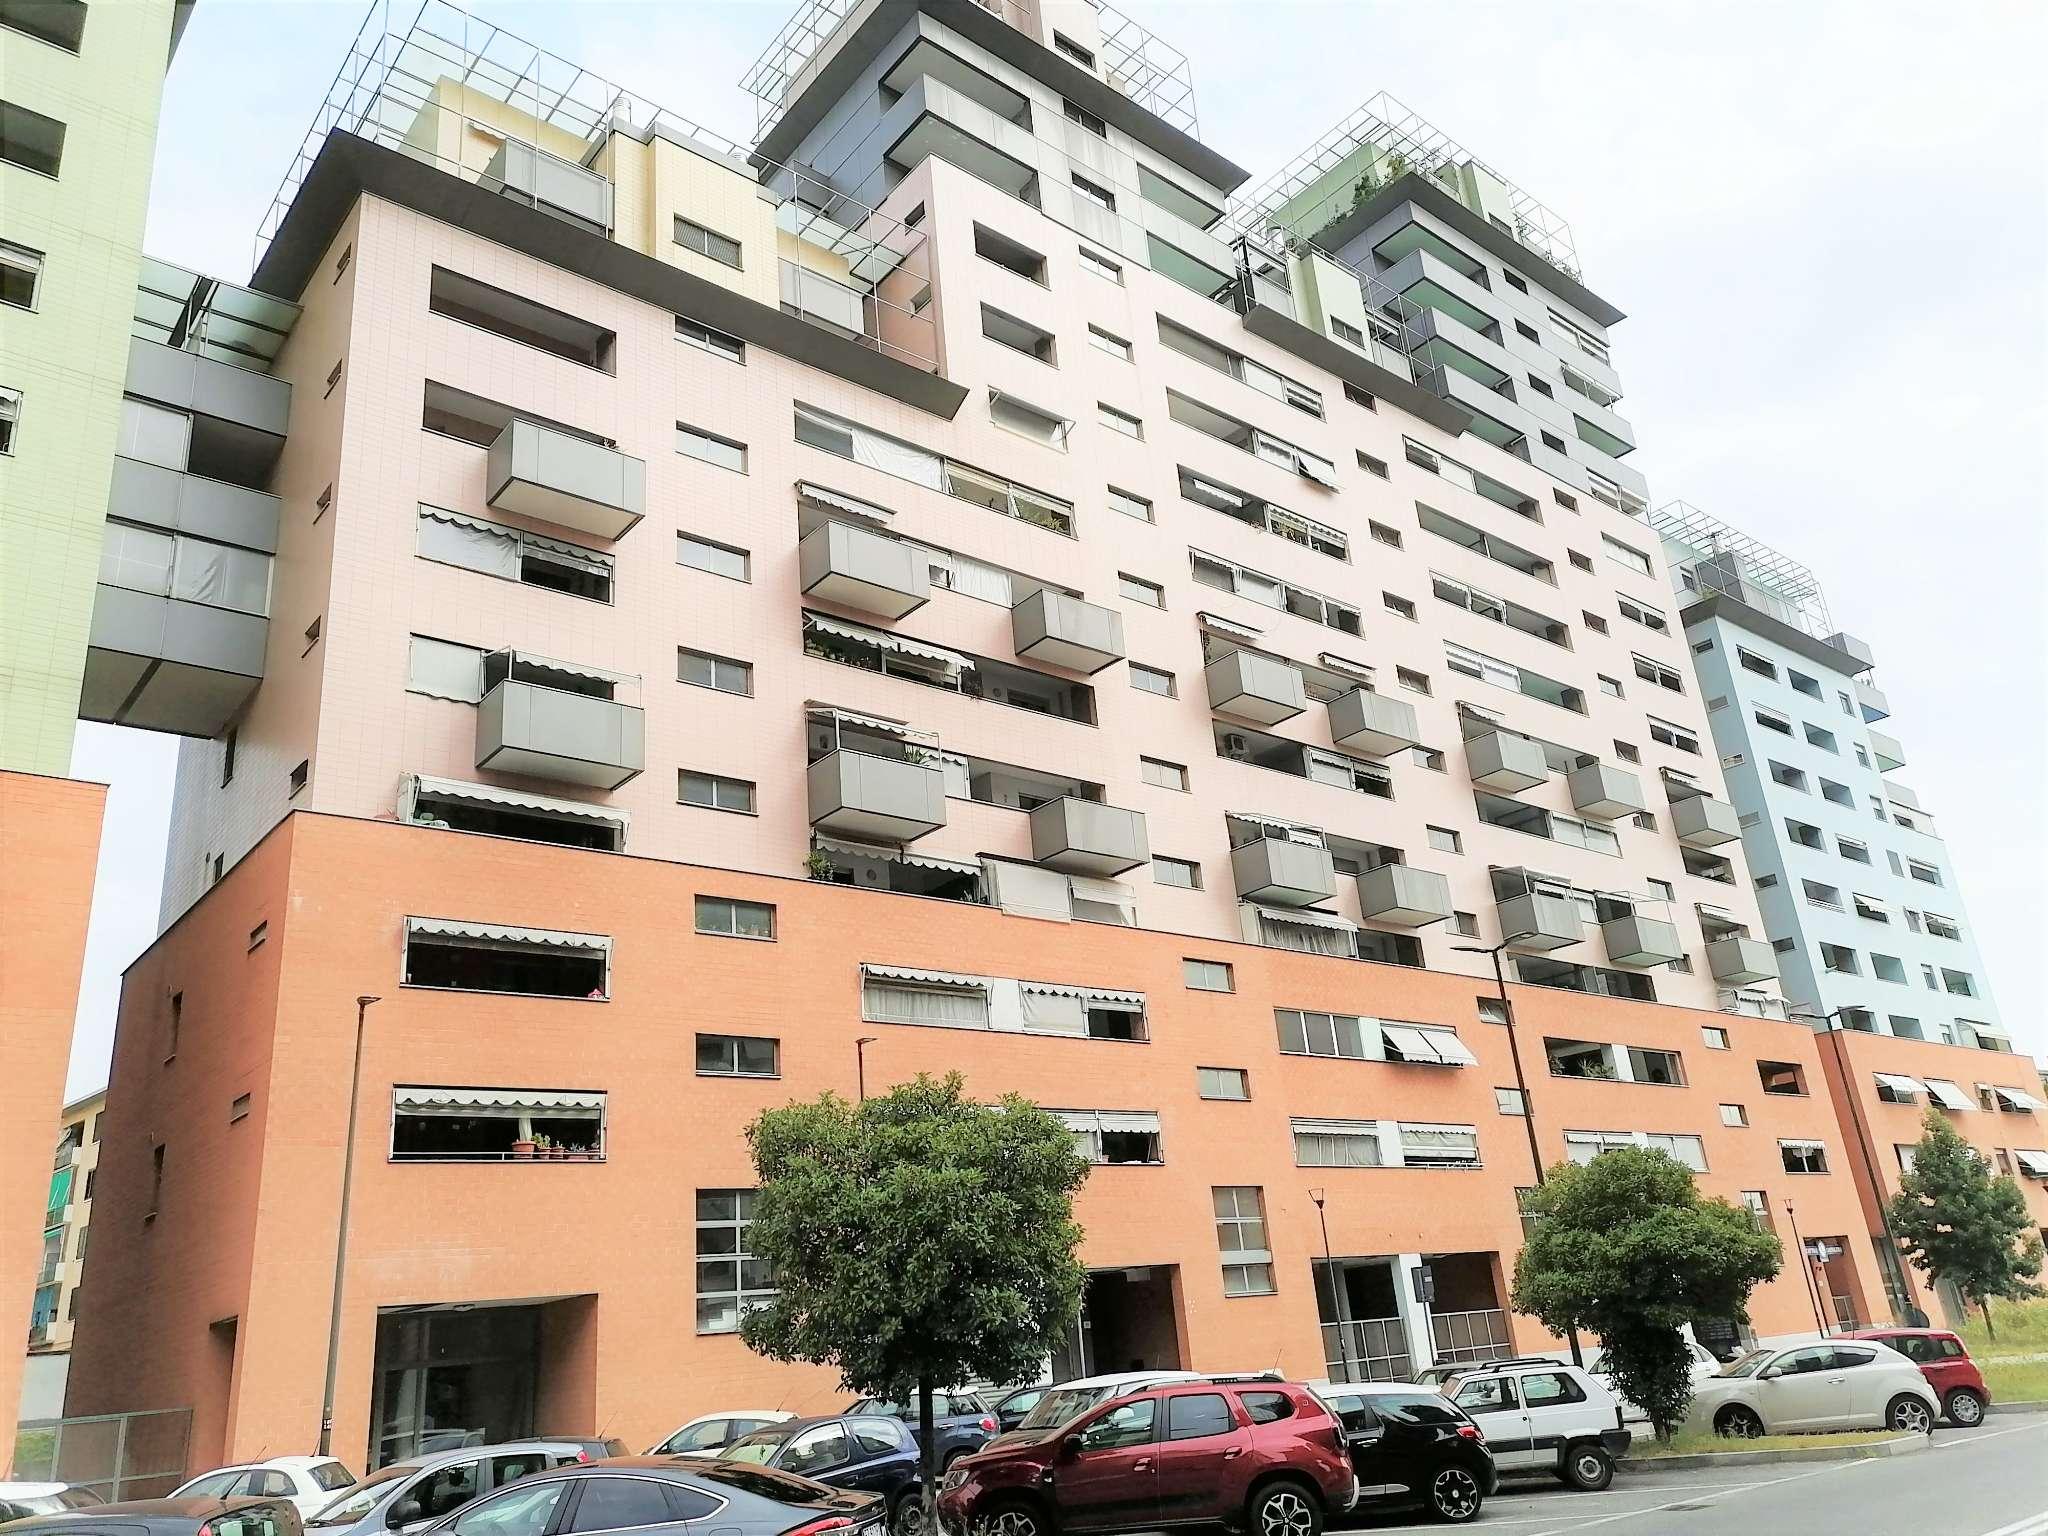 Appartamento in vendita a Torino, 3 locali, zona Vallette, Lucento, Stadio delle Alpi, prezzo € 129.000 | PortaleAgenzieImmobiliari.it